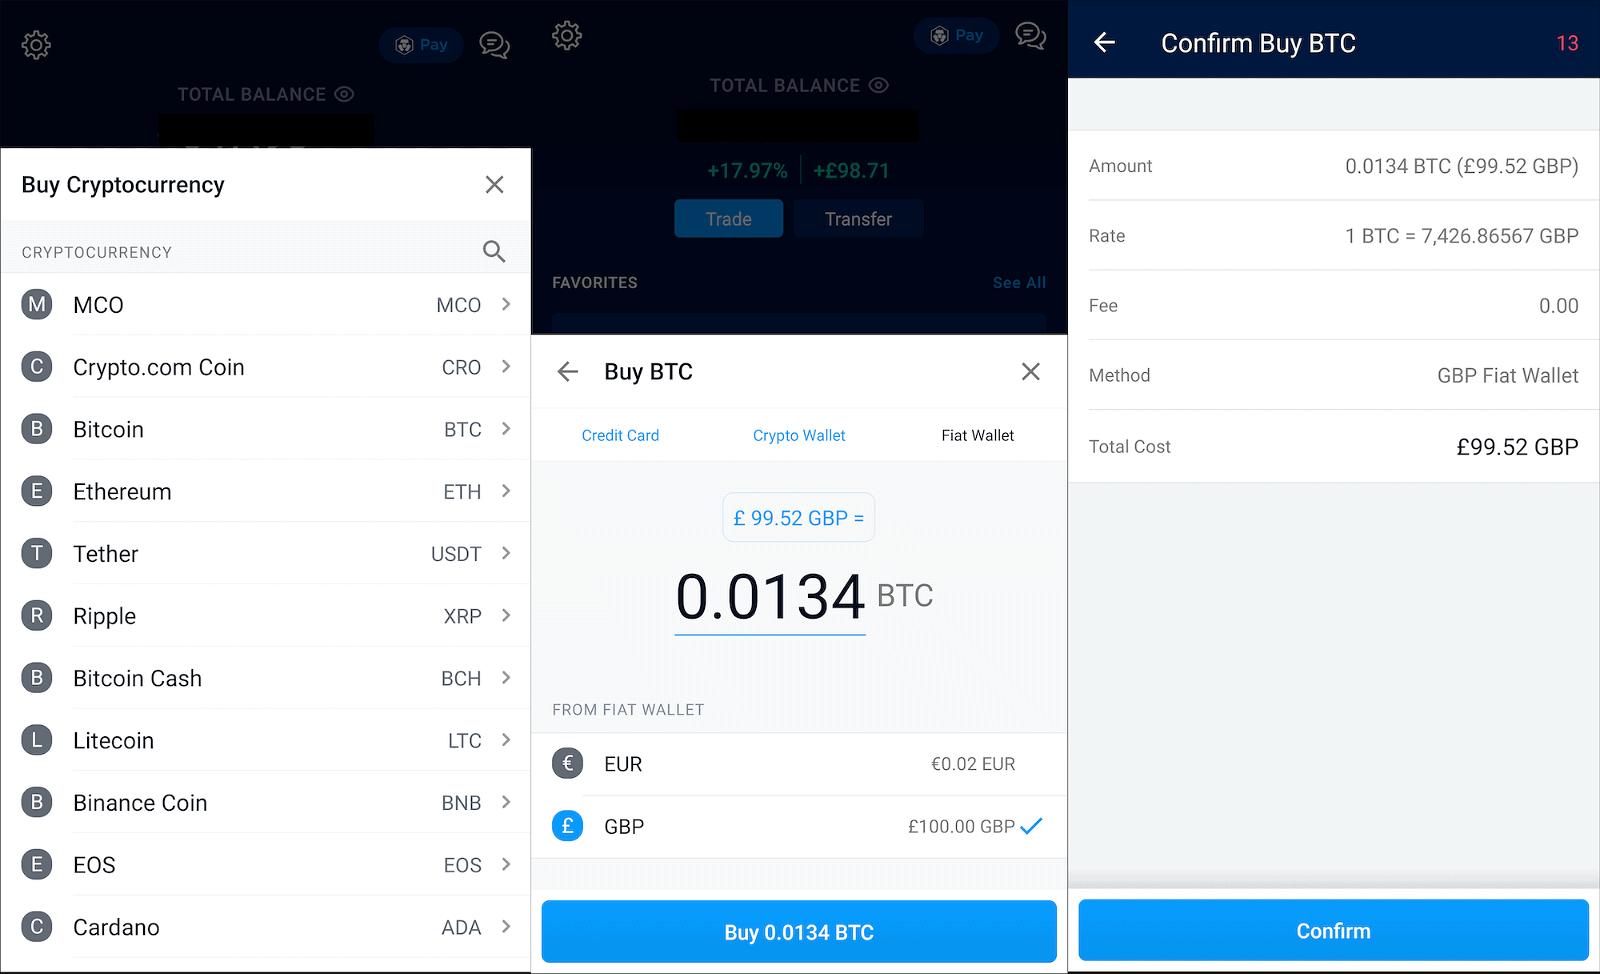 parduokite bitcoin platformą sec patvirtintas btc